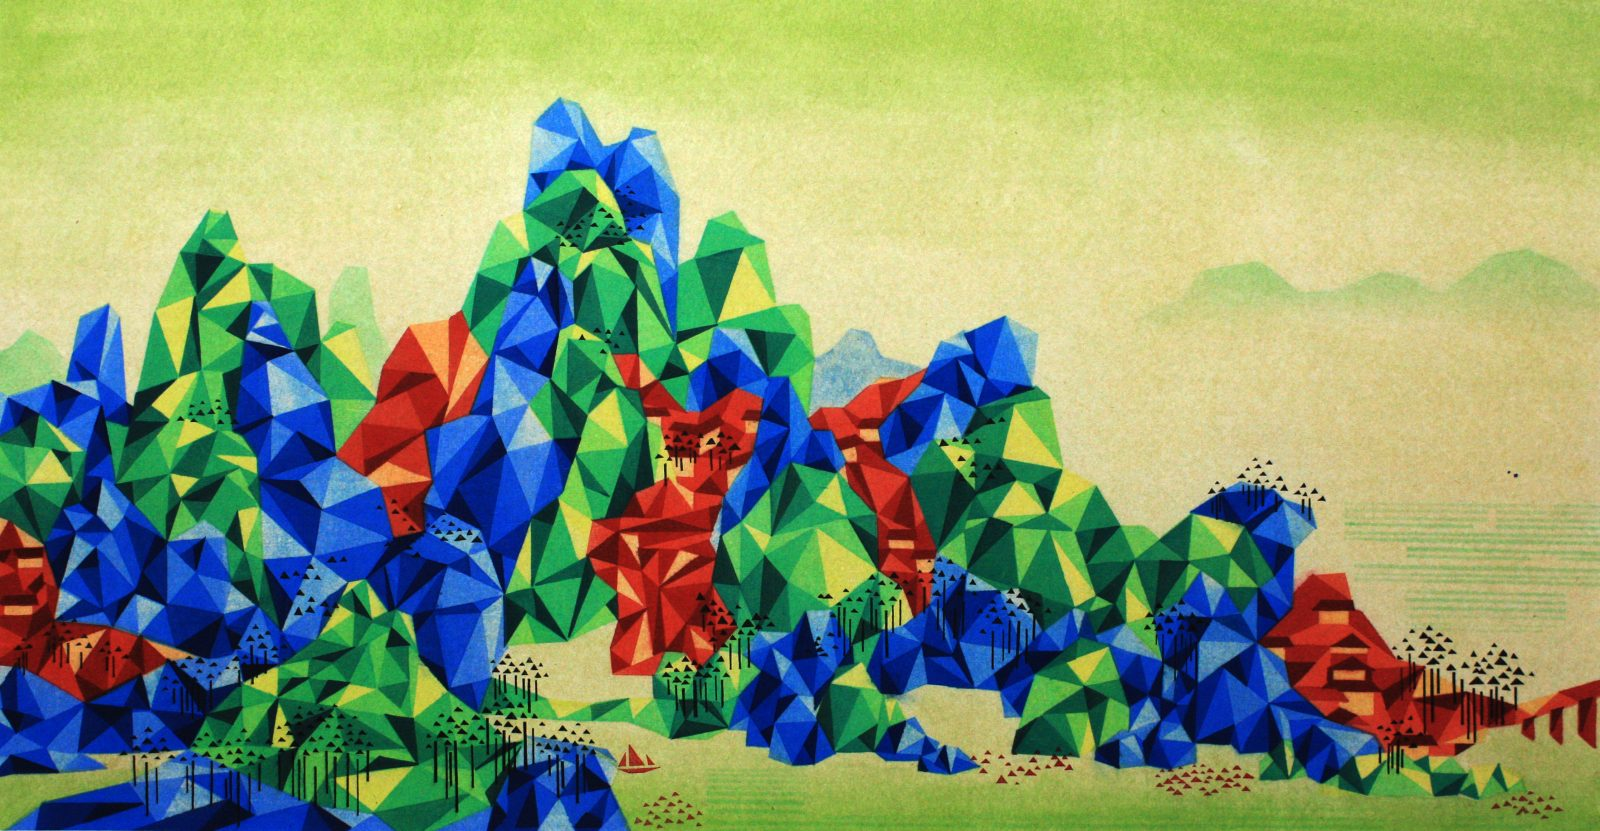 Reconstructed Landscape 《重构山水-5》50cm×100cm, 2014